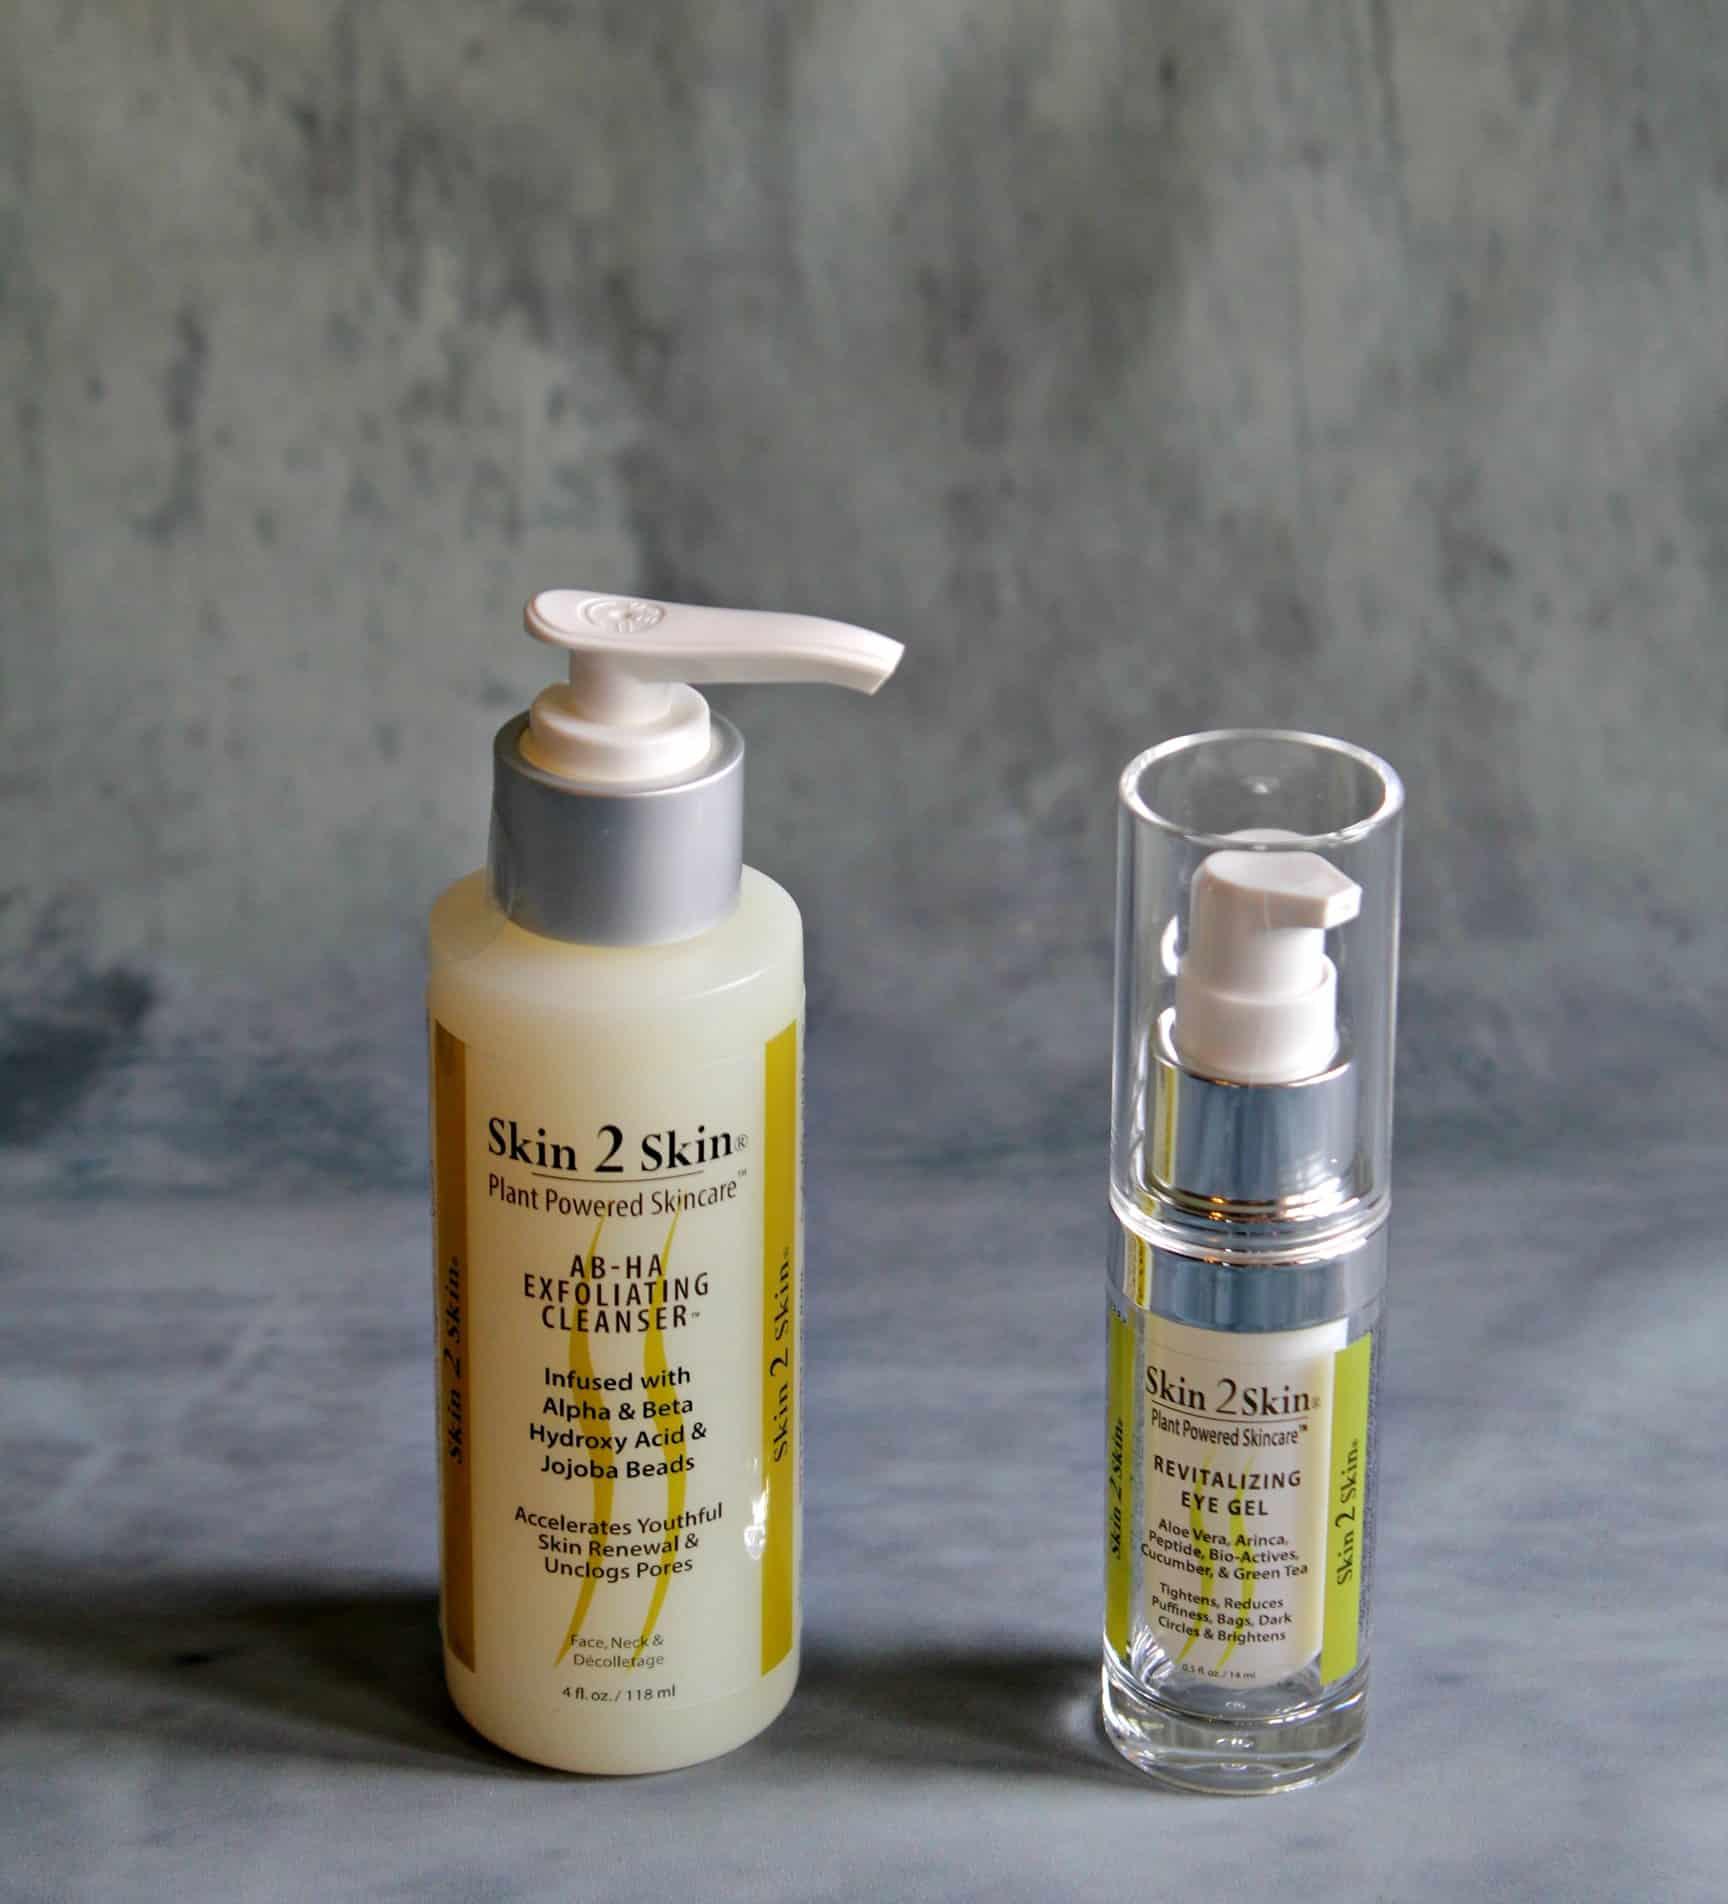 Skin2Skin for great skin care